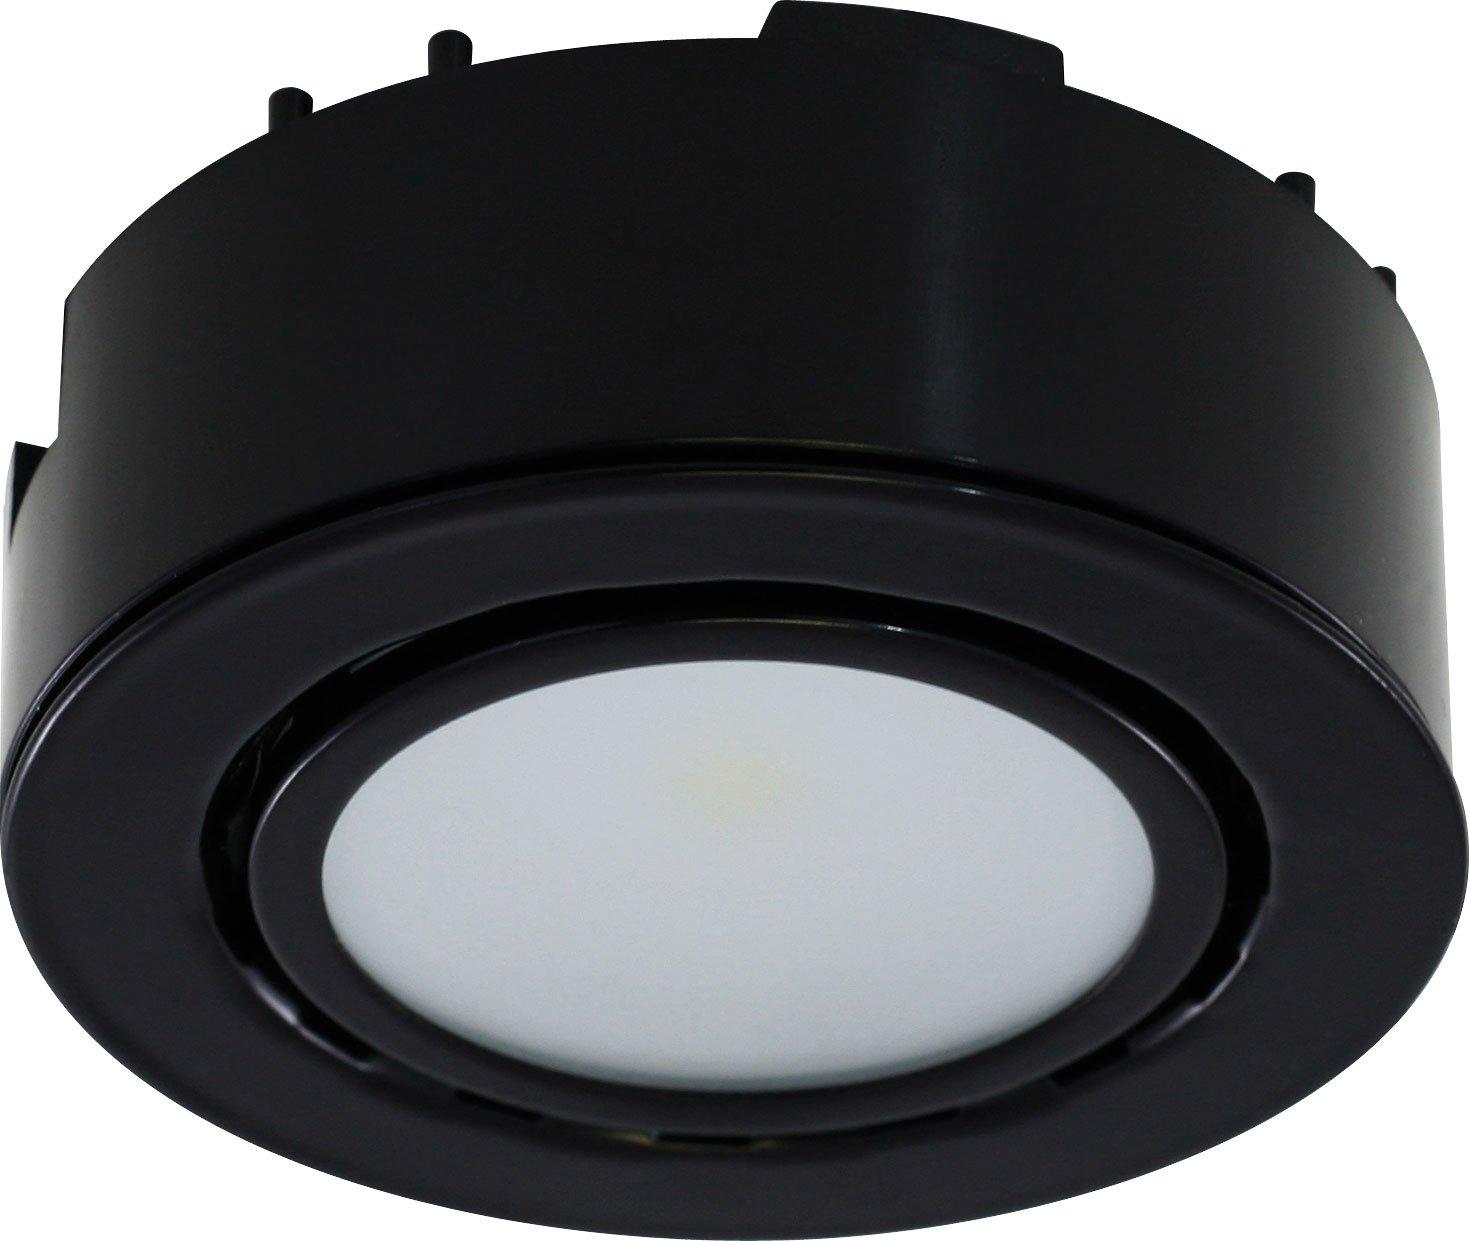 Liteline UCP-LED1-BK LED Puck Light, 12V, Black